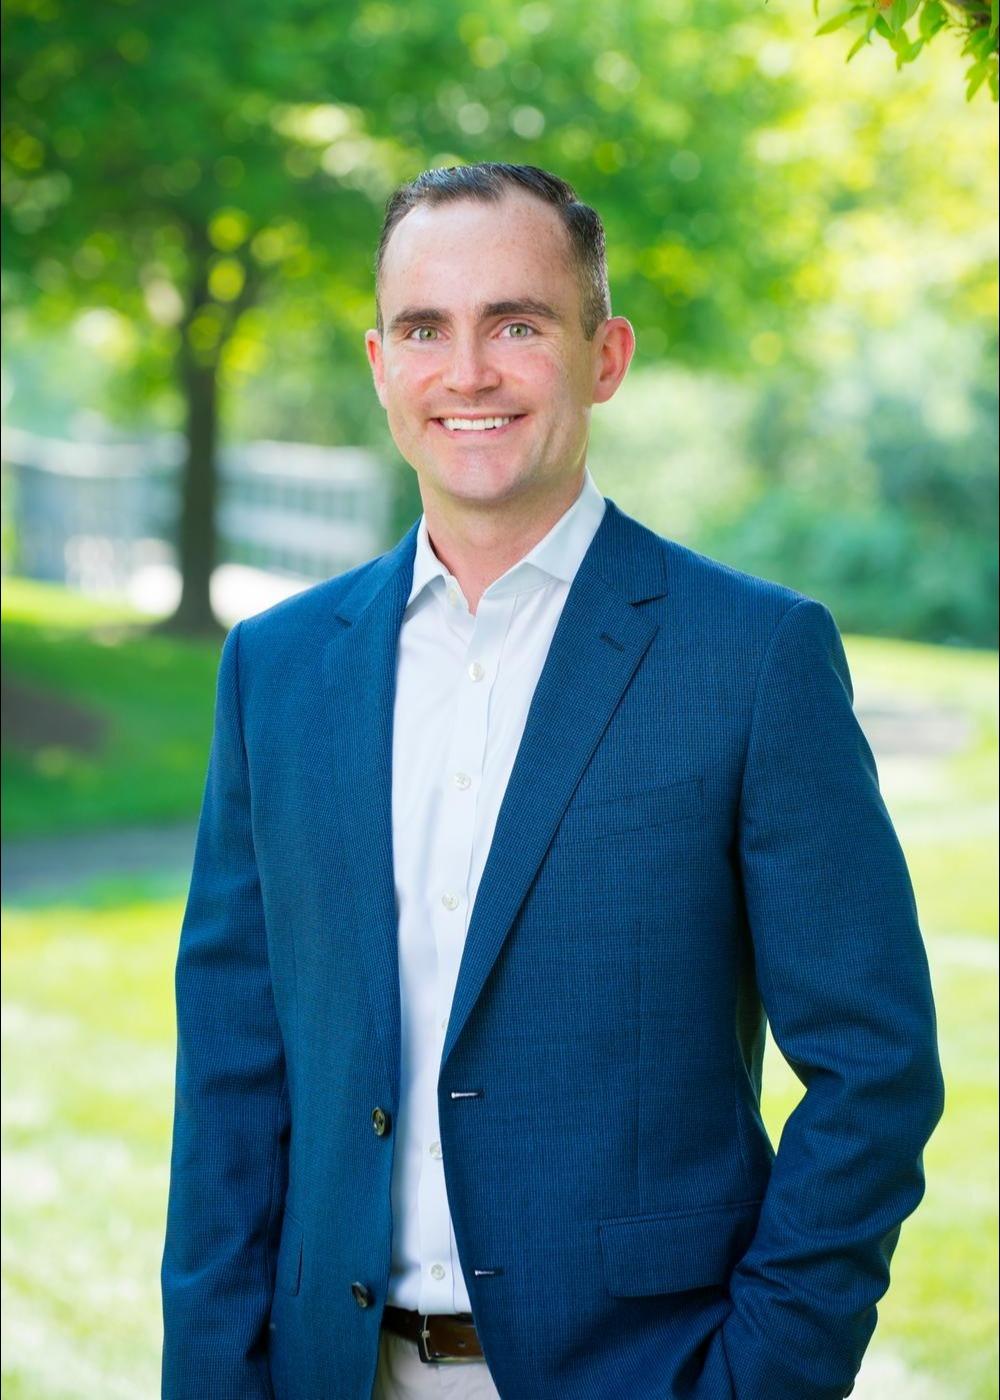 Jack Mahoney, CFP® Photo